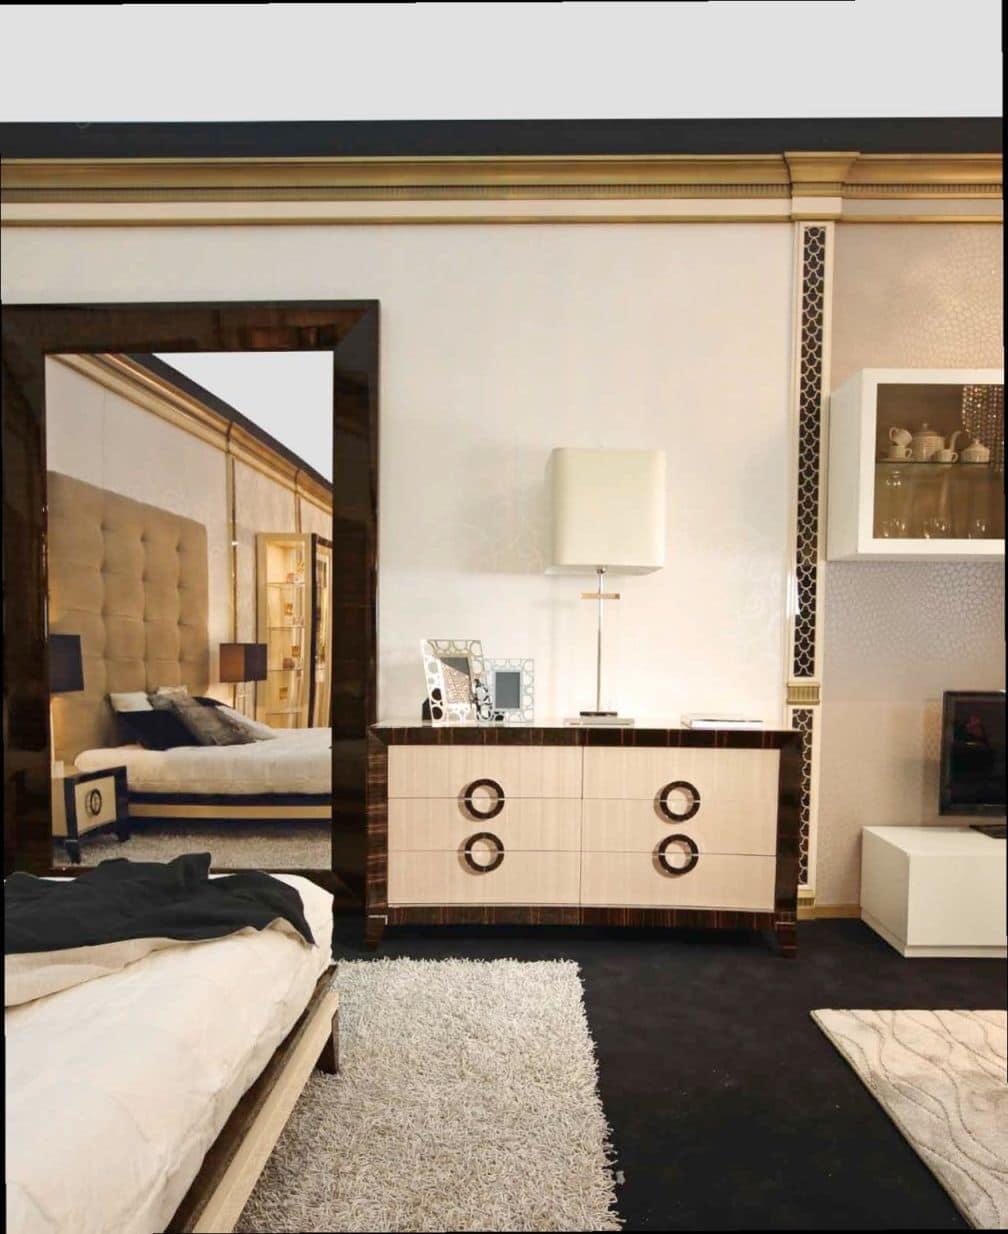 rechteckiger spiegel mit rahmen f r wohngebiete idfdesign. Black Bedroom Furniture Sets. Home Design Ideas